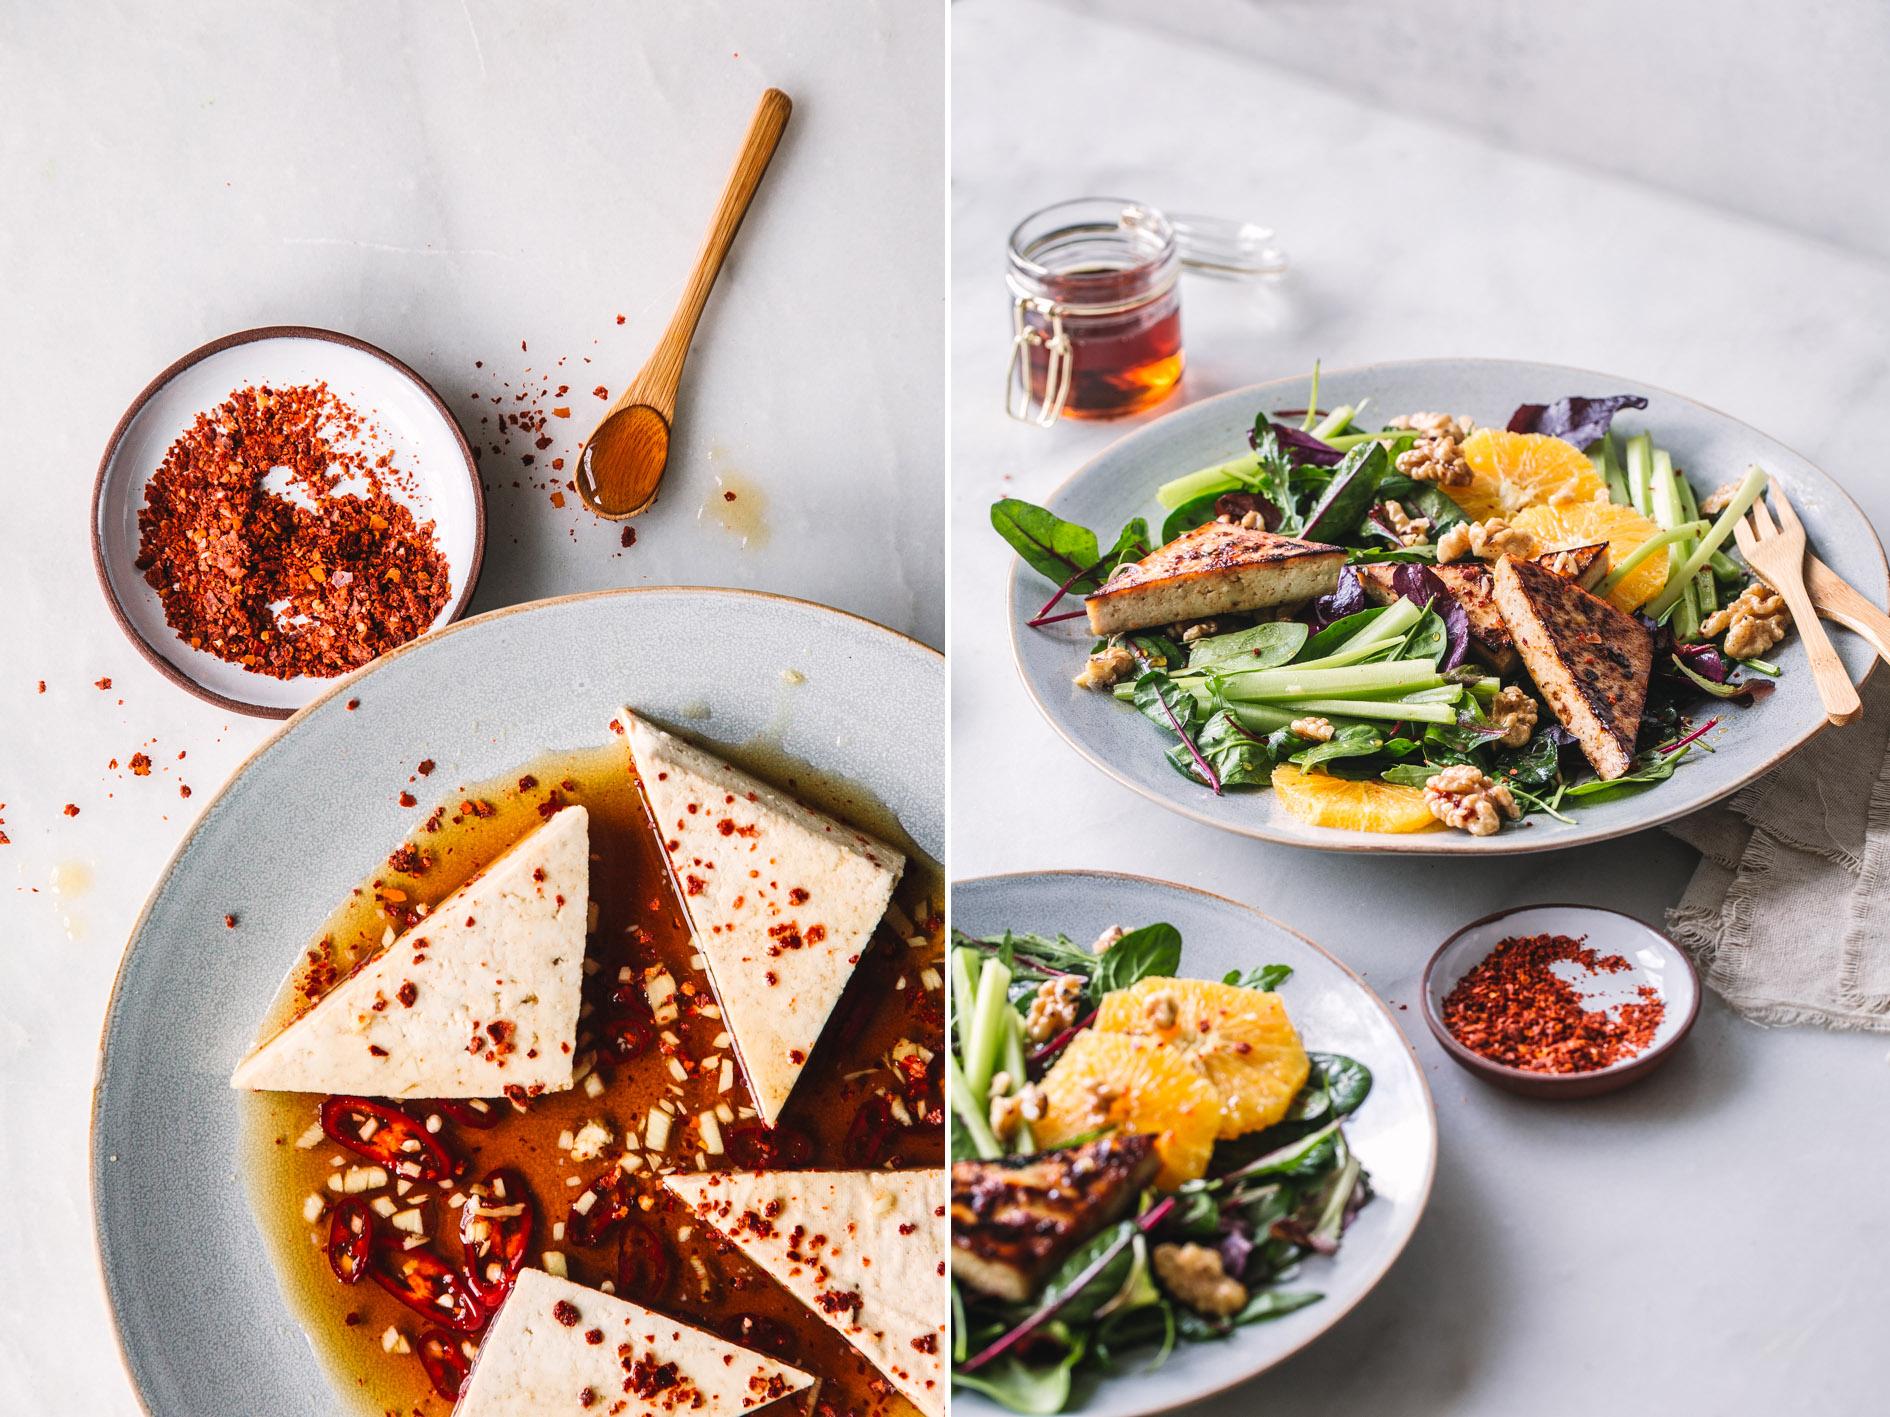 Scharf karamellisierter Tofu auf ORangen-Nuss-Salat